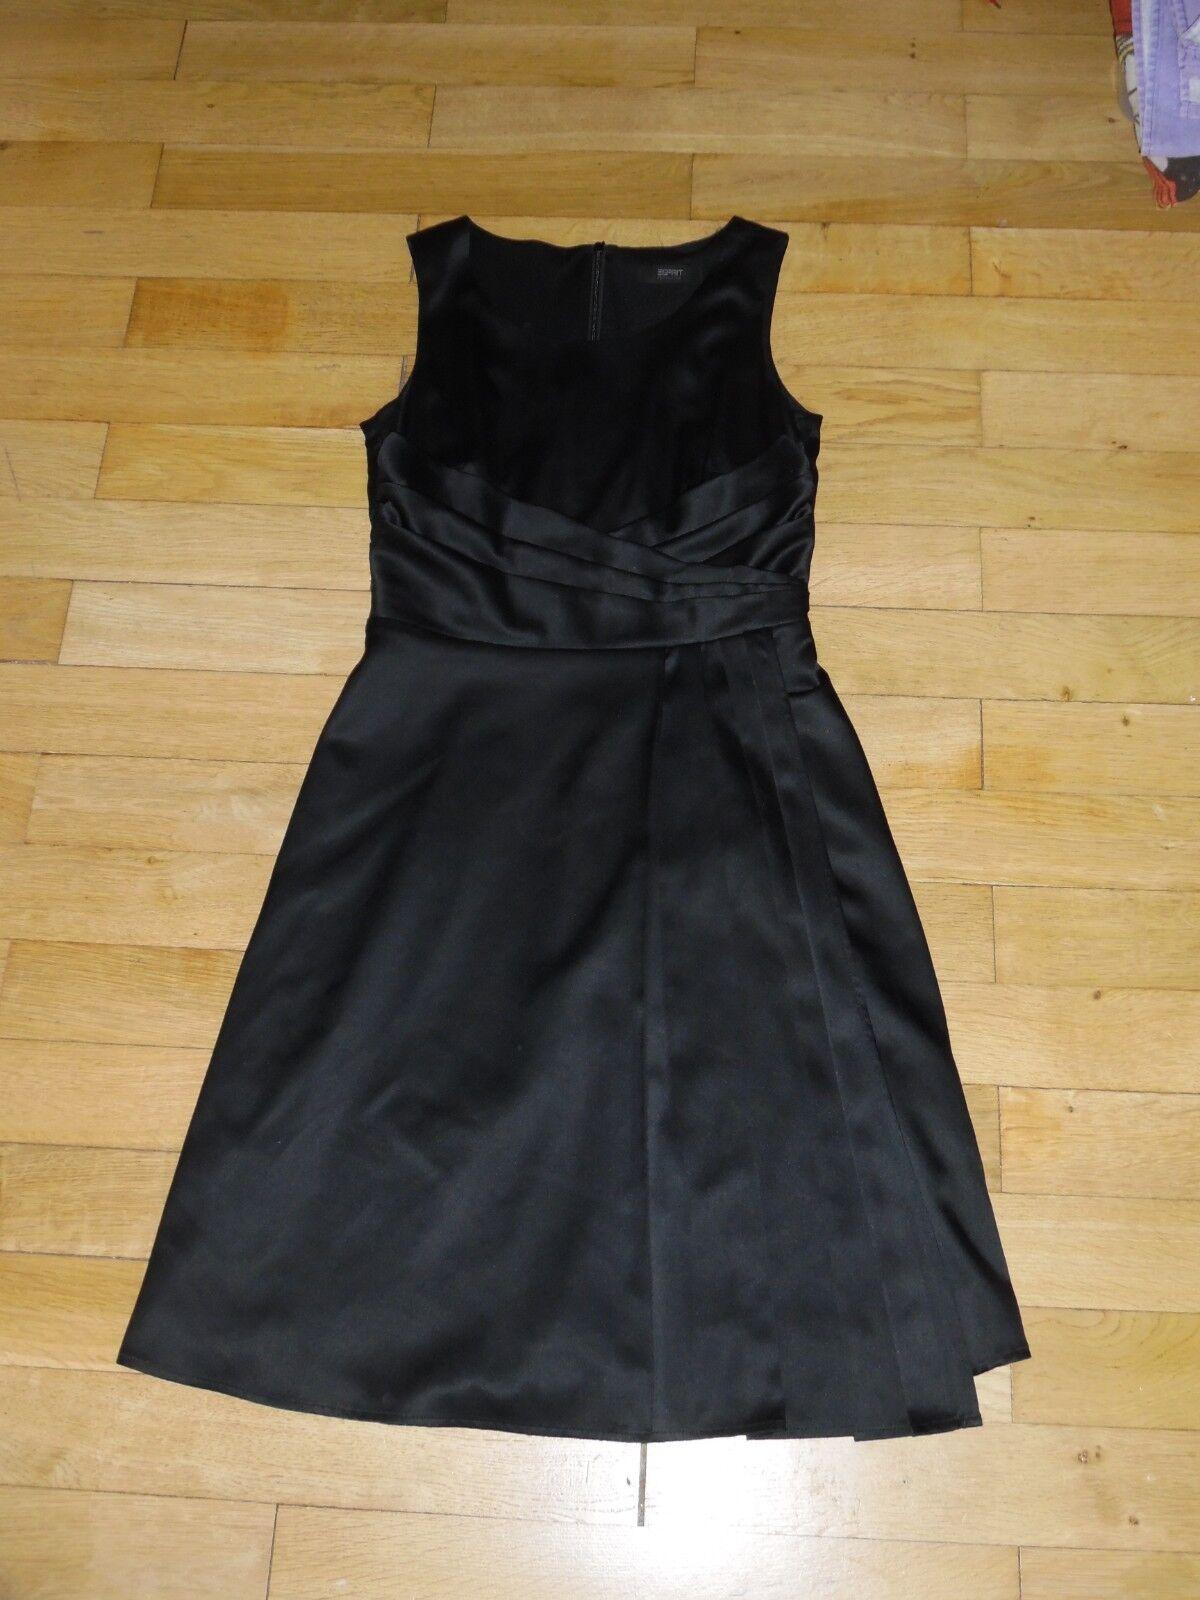 9c636da2c1e Hondrocream ist die Schnellste Schönes Edels Festliches Festliches  Festliches Kleid Esprit Collection GR.32 W.Neu a8049b